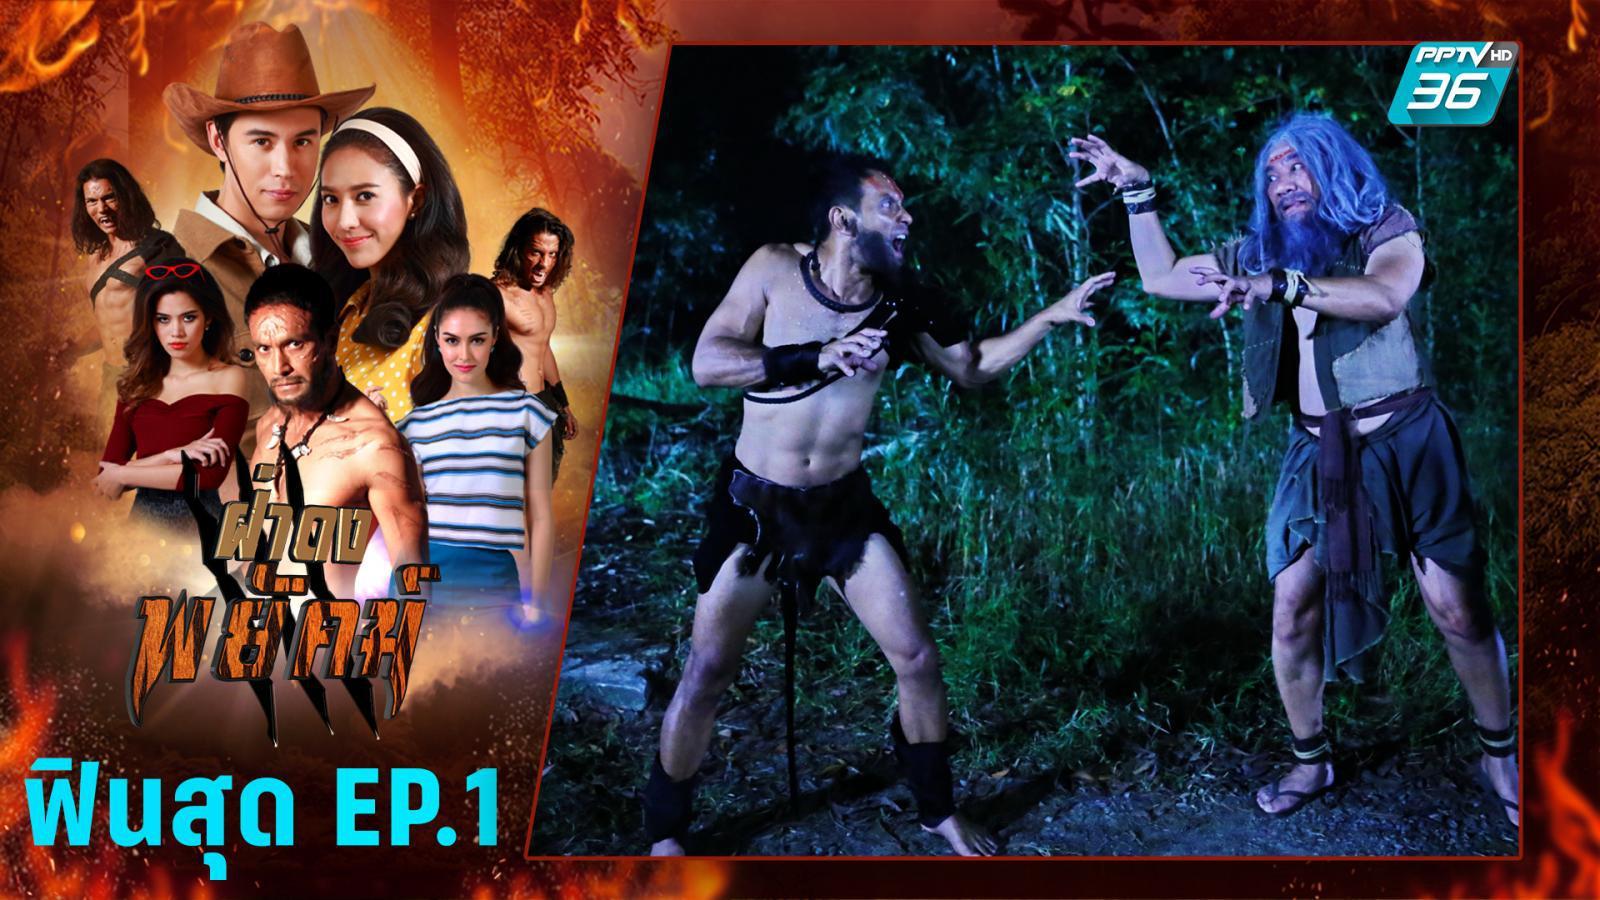 ฟินสุด | ฝ่าดงพยัคฆ์ EP.1 | PPTV HD 36